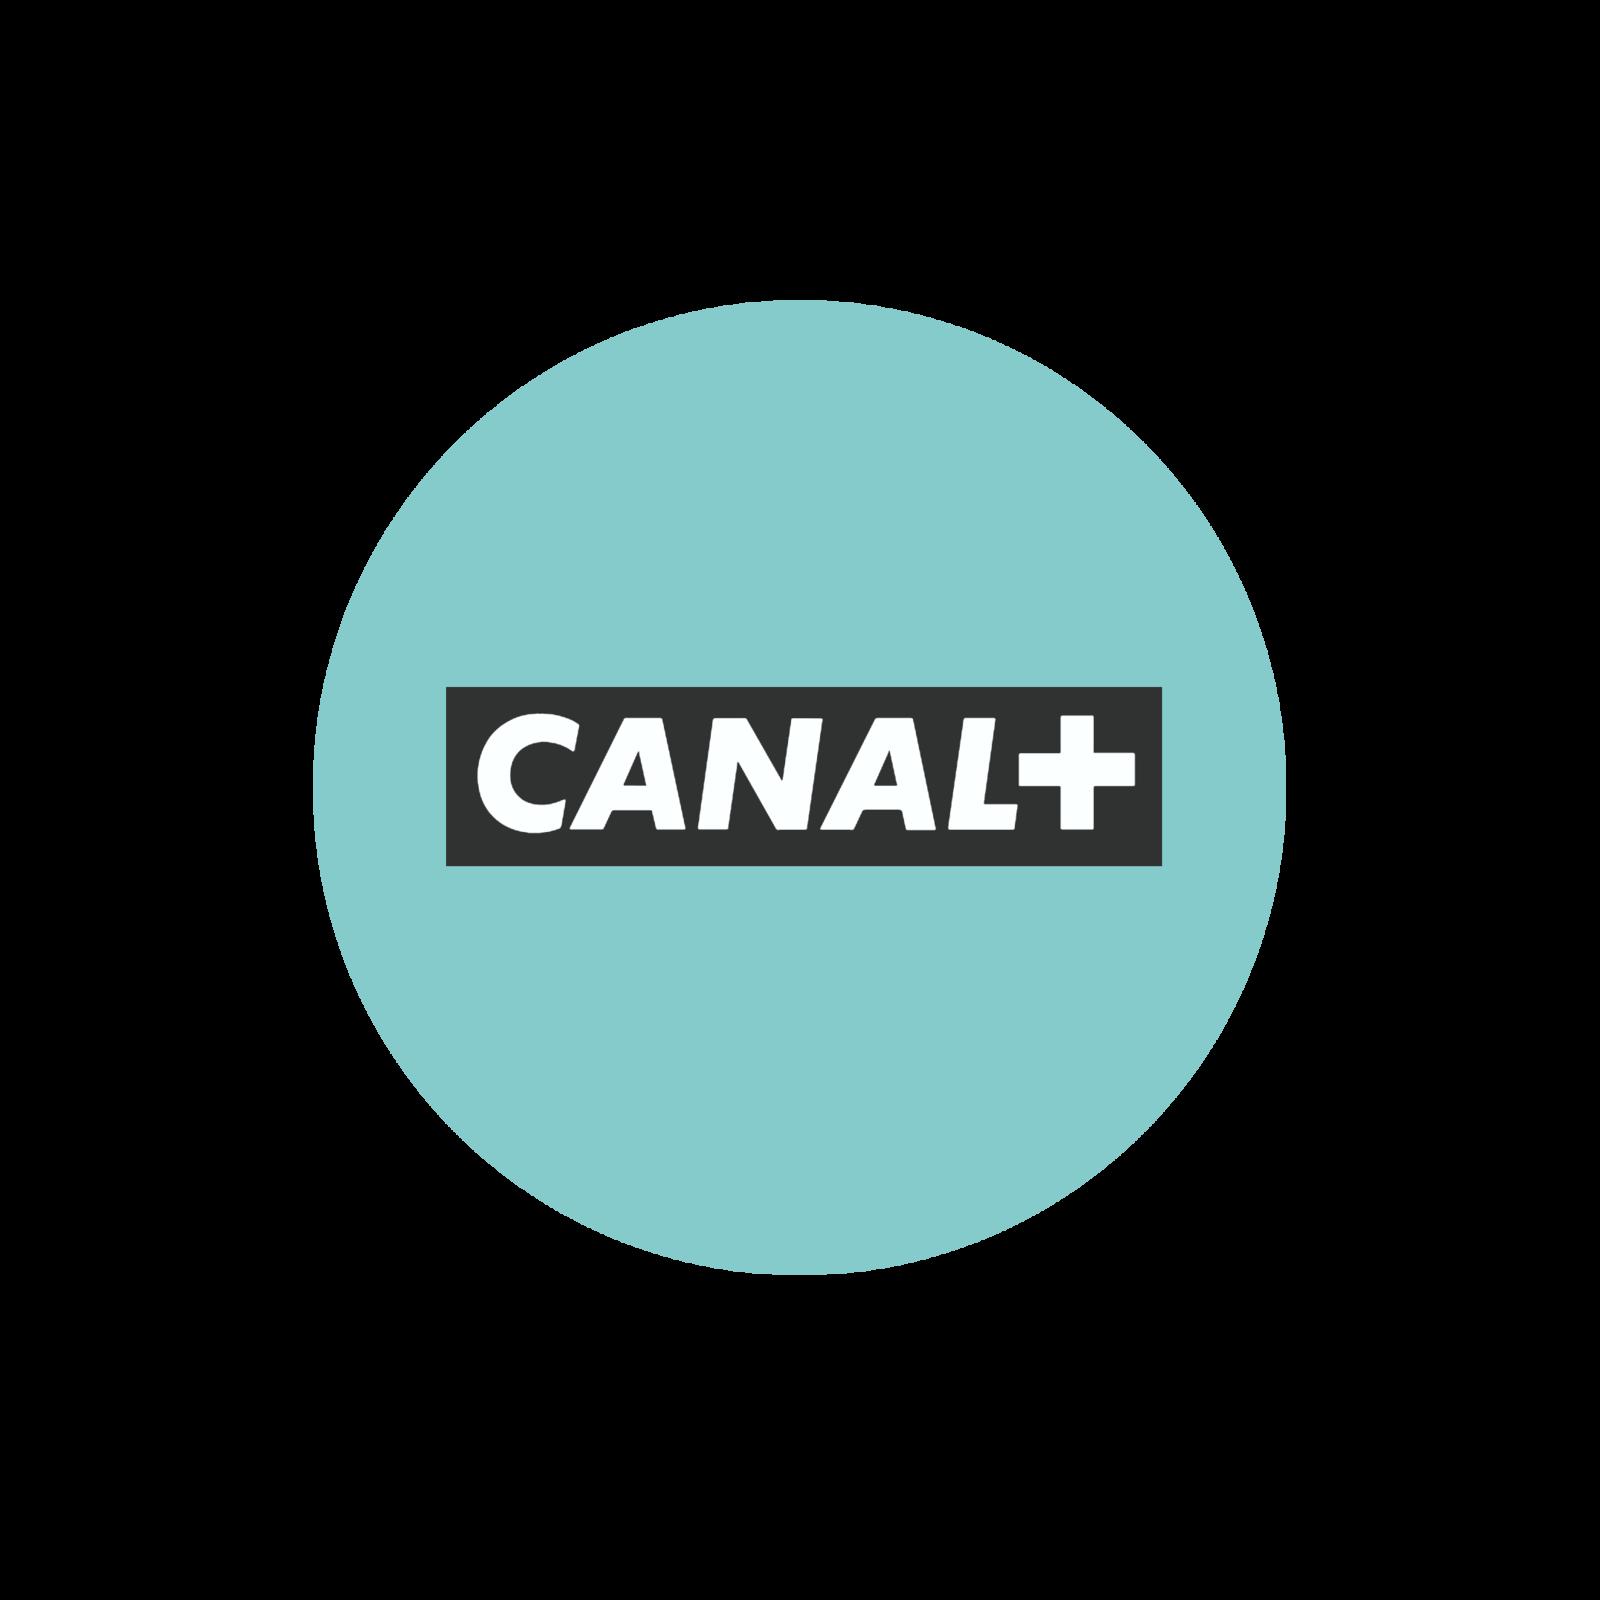 Les Cinéastes de L'ARP profondément choqués par une décision prise par Canal+.